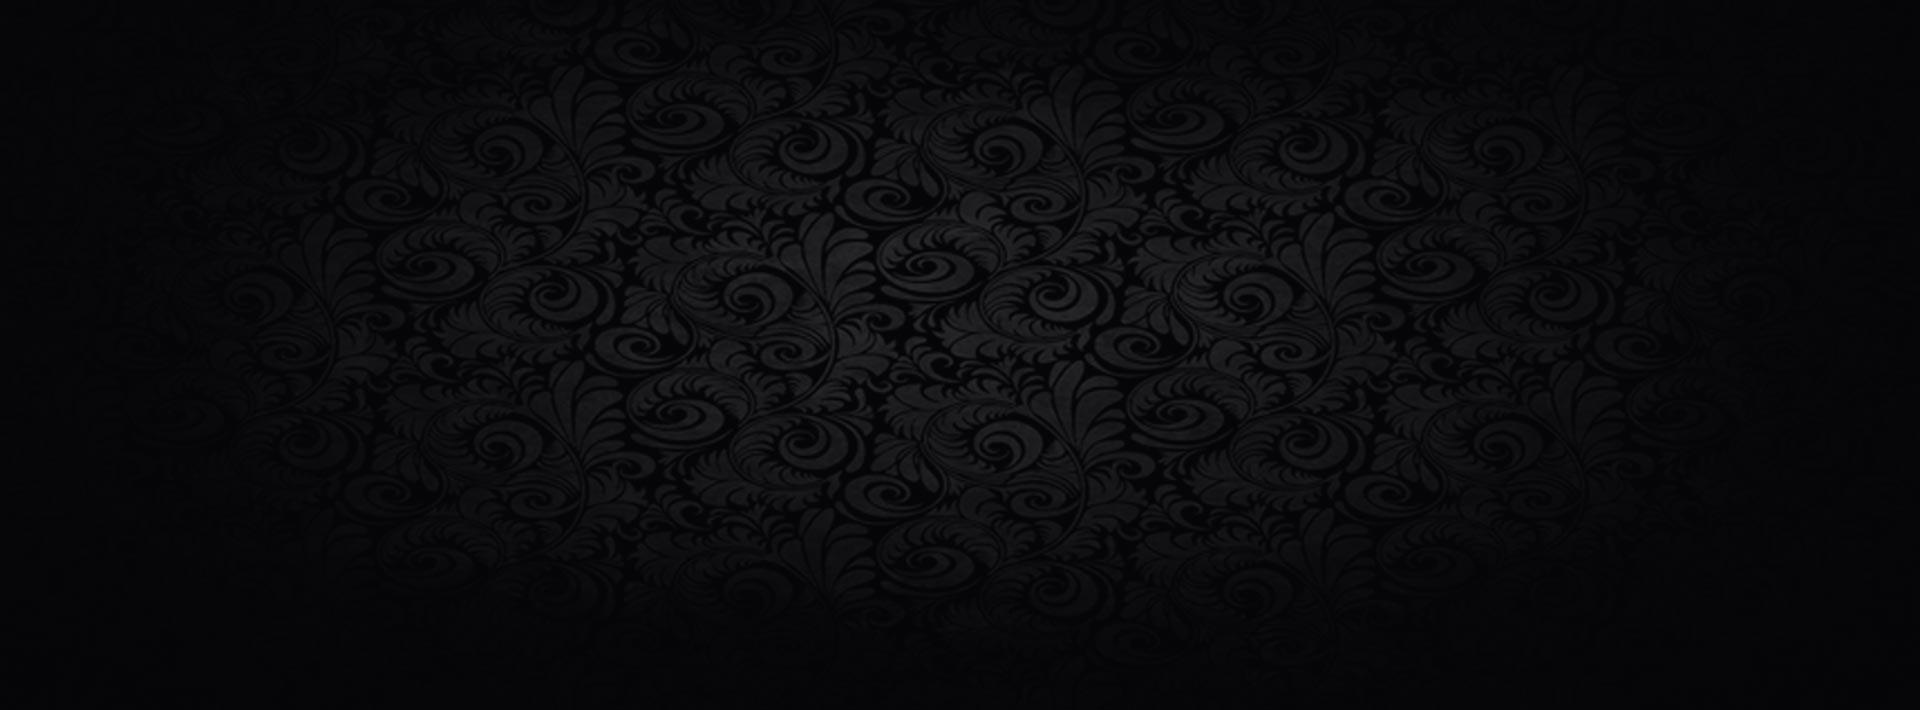 lsa-live-stream-banner-bg